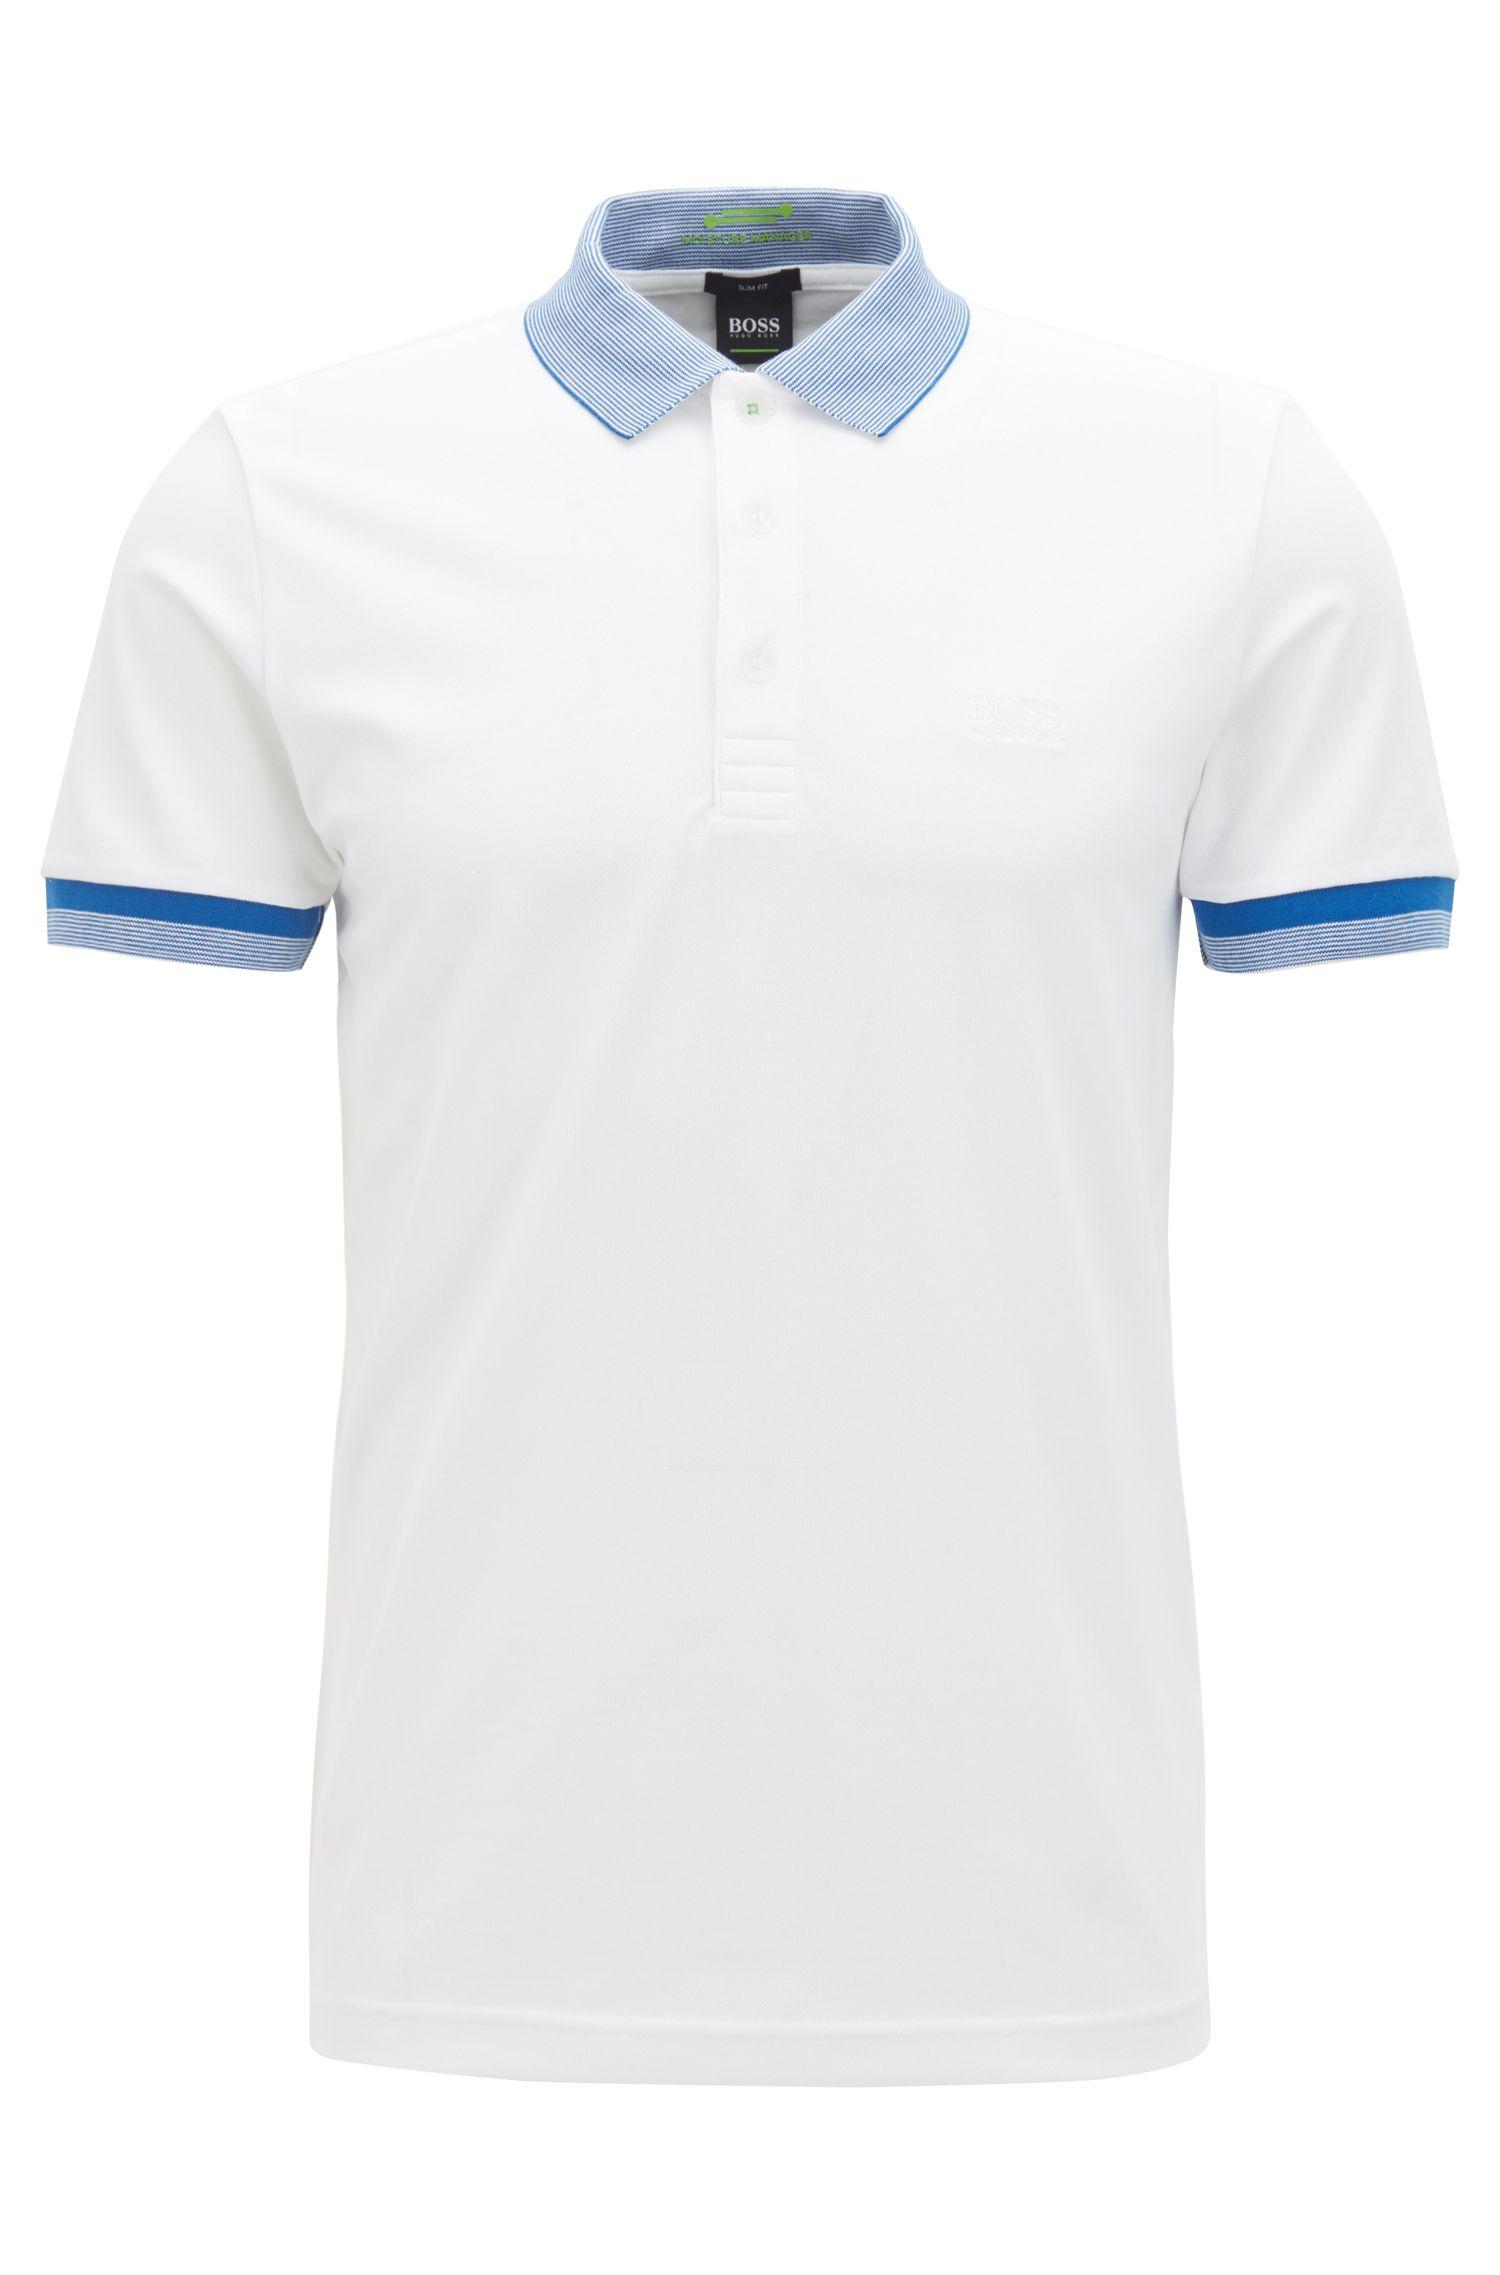 Slim-Fit Poloshirt aus elastischem Baumwoll-Mix mit S.Café®-Technologie